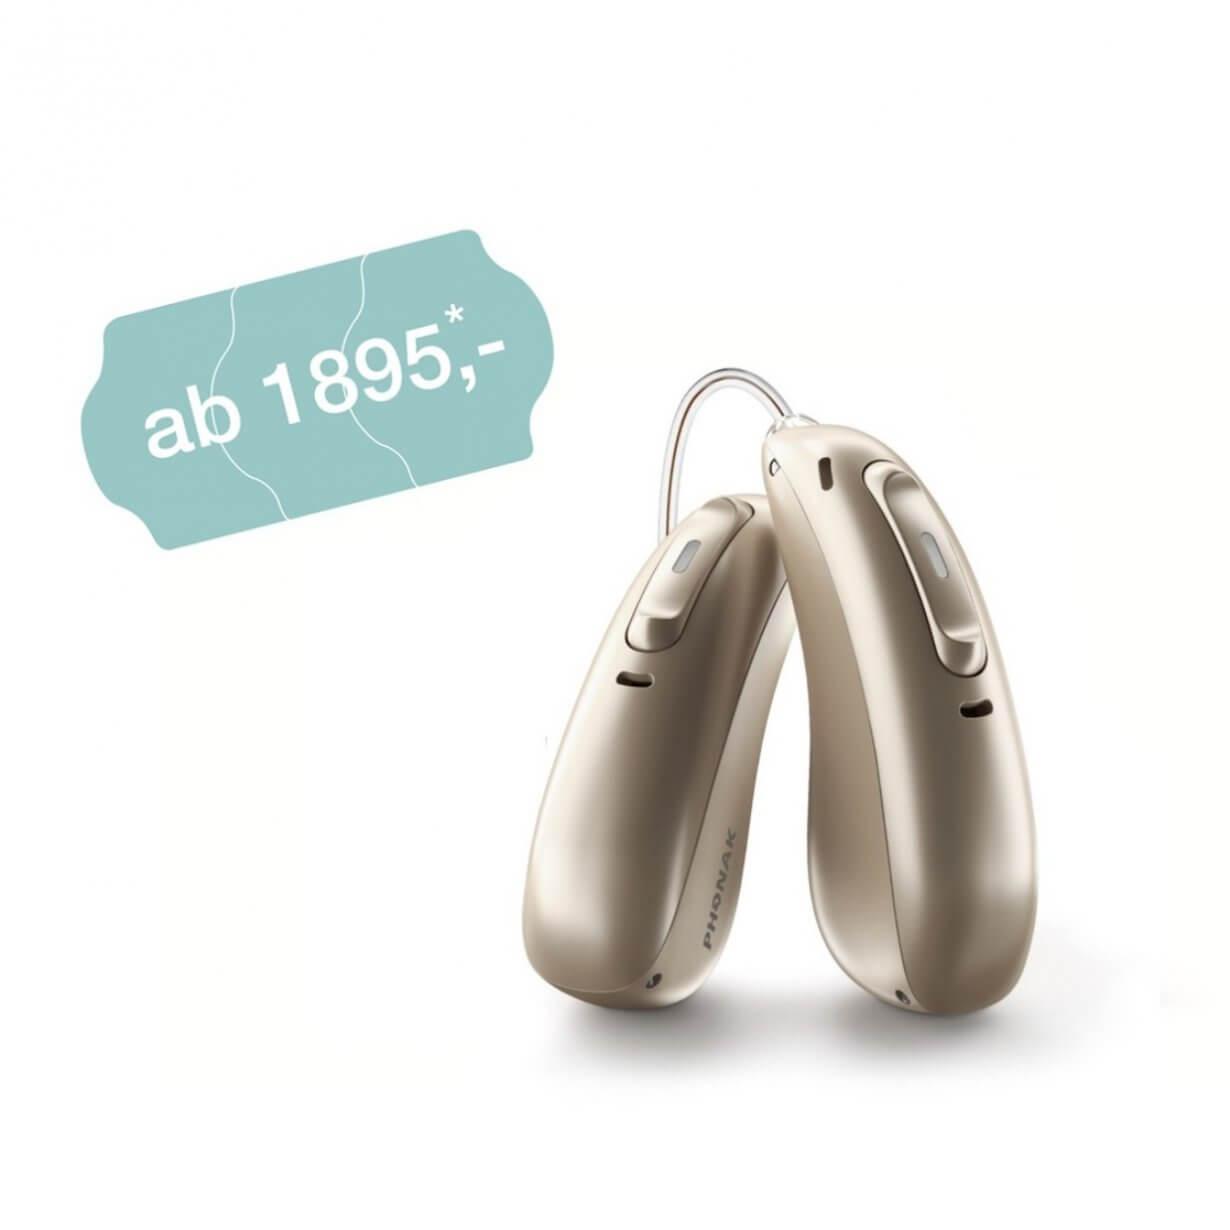 Hörgeräte-Preise_Premium-Kosten